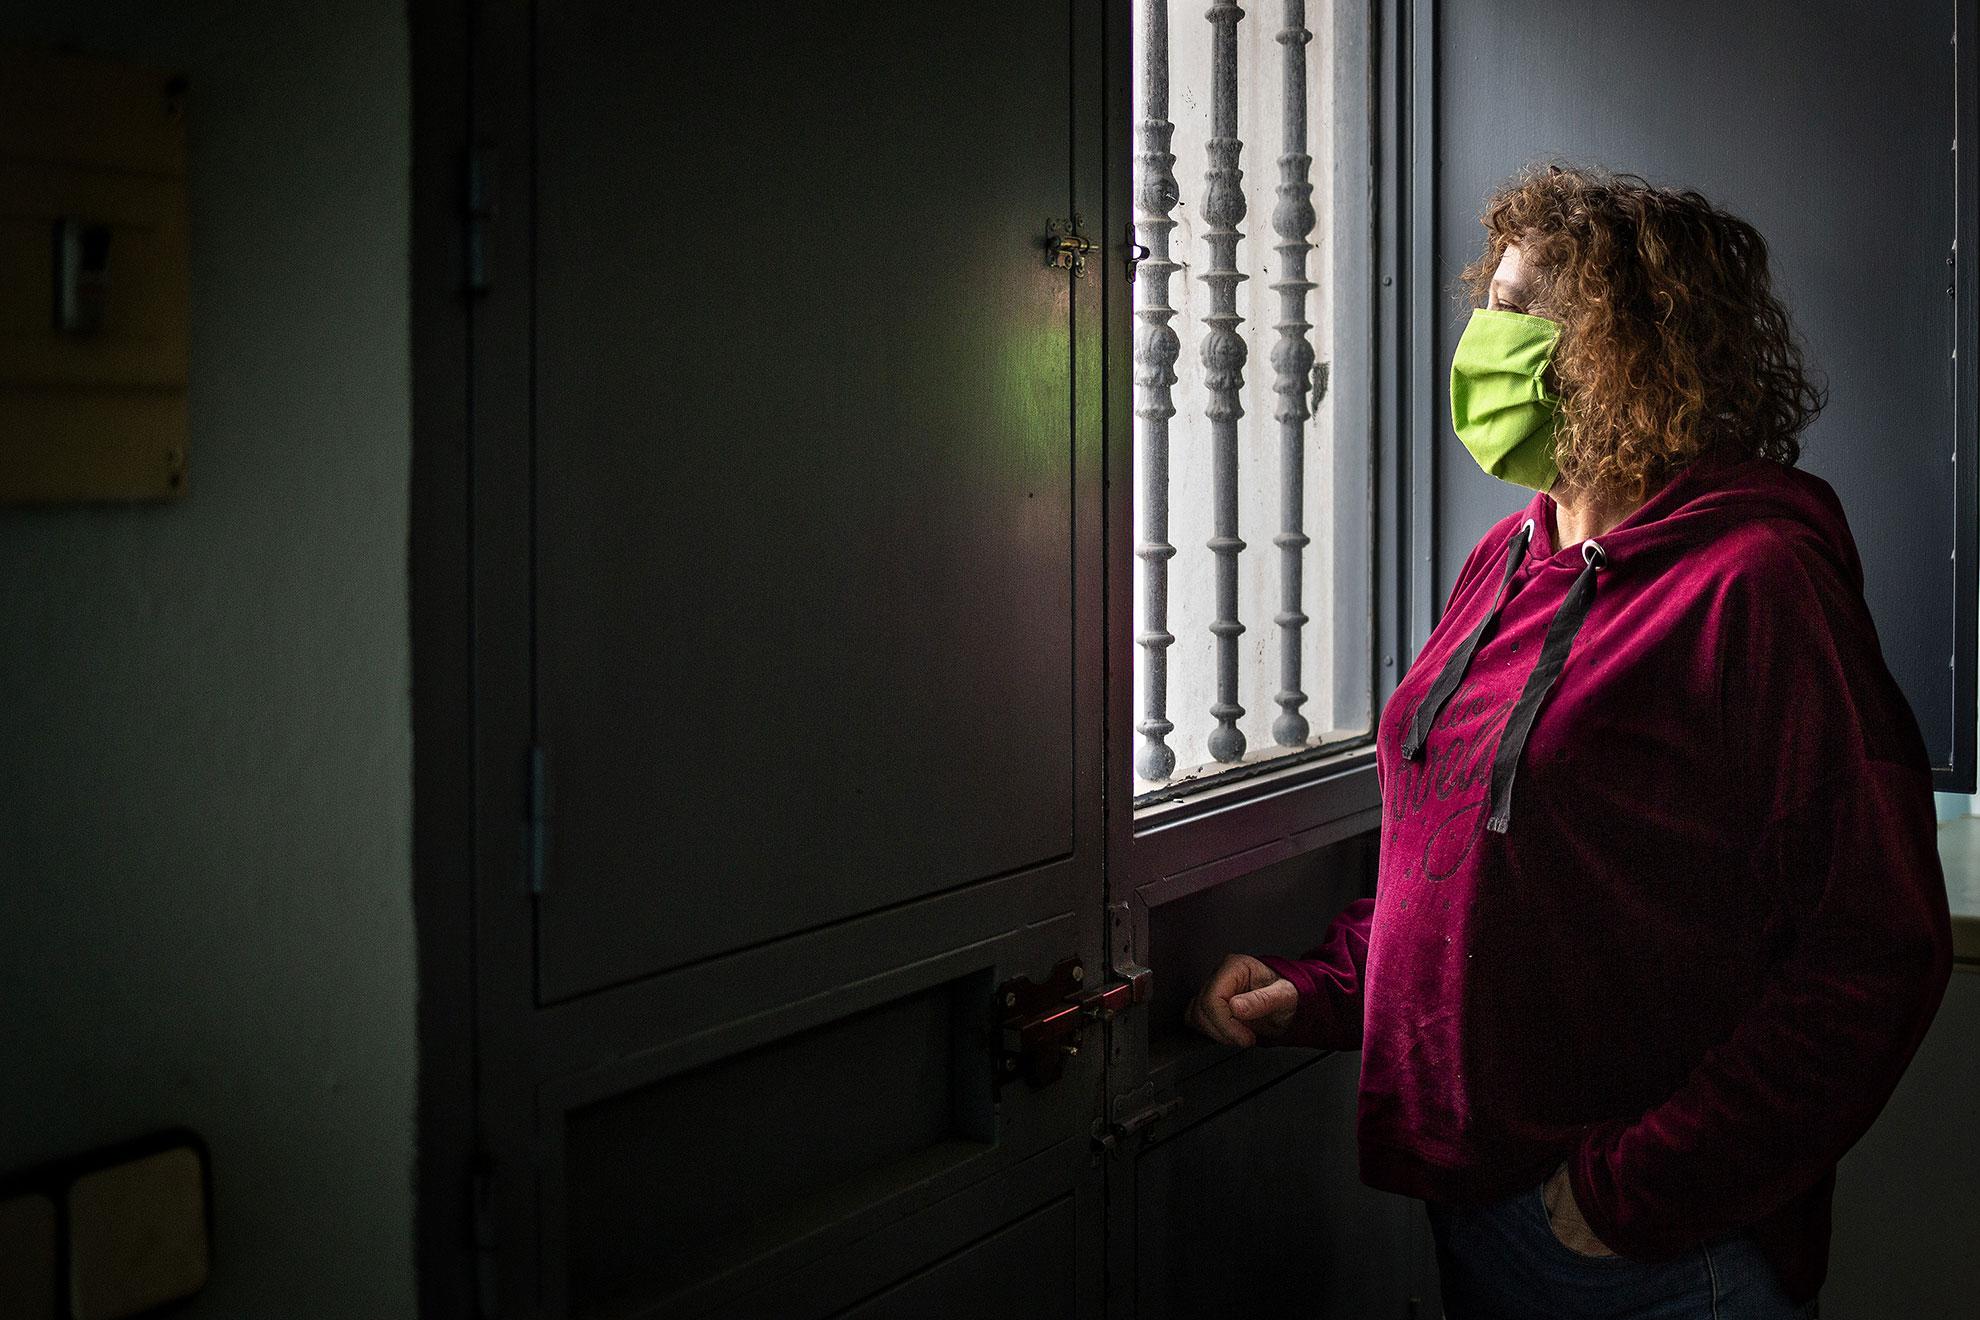 Marisol es auxiliar de enfermería. Se contagió de COVID19 trabajando en el Hospital de Riotinto. Poco más tarde también se contagiaron dos de sus hijos y su esposo. Lo peor de la enfermedad ha sido el aislamiento y también la preocupación por su marido, paciente de riesgo al tener que ir a diálisis. Hoy está esperando la llegada de la ambulancia de su marido. Desde que se confirmó su positivo tiene que desplazarse en un transporte sanitario especial hasta el hospital de Huelva para someterse a su diálisis. Su habitual hospital de Riotinto, apenas a 15 km de su domicilio en Zalamea la Real, carece de los medios que precisa un paciente COVID en diálisis. Cada dos días, casi 10 horas y más de 140 km entre viajes y hospitales. A día de hoy más de 26.000 sanitarios españoles han contraído el COVID19.